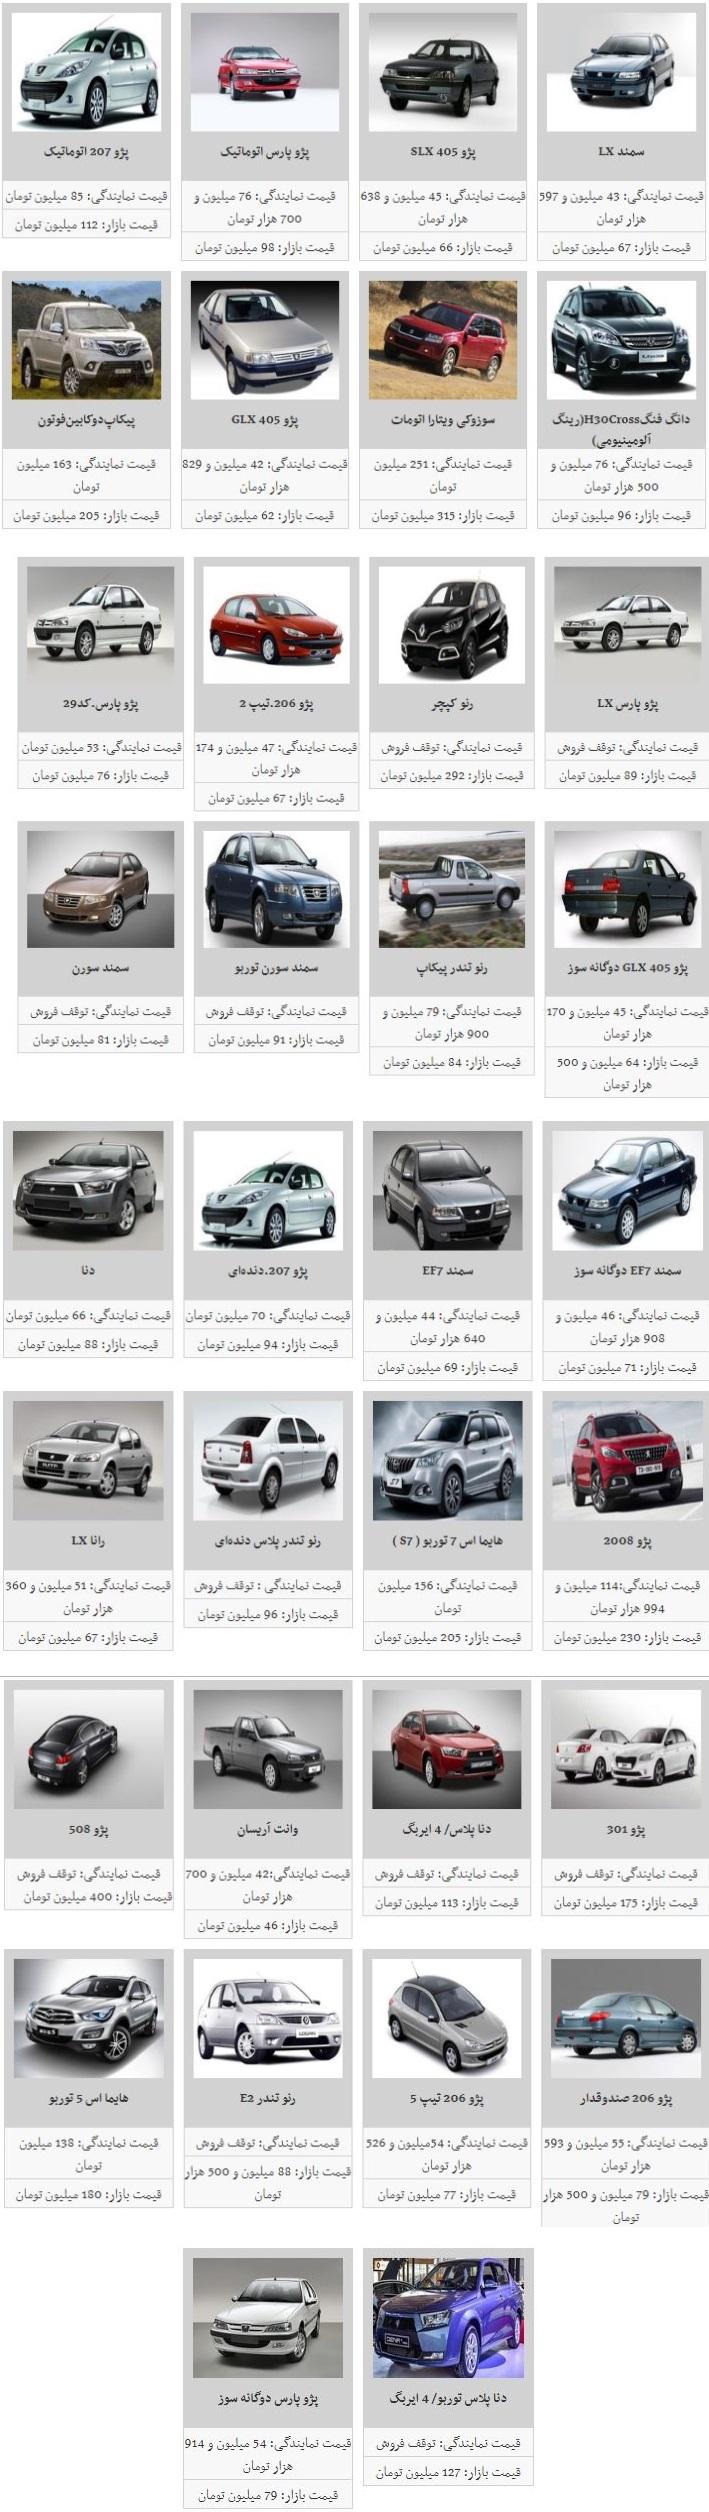 قیمت برخی از خودروهای داخلی افزایش یافت + جدول